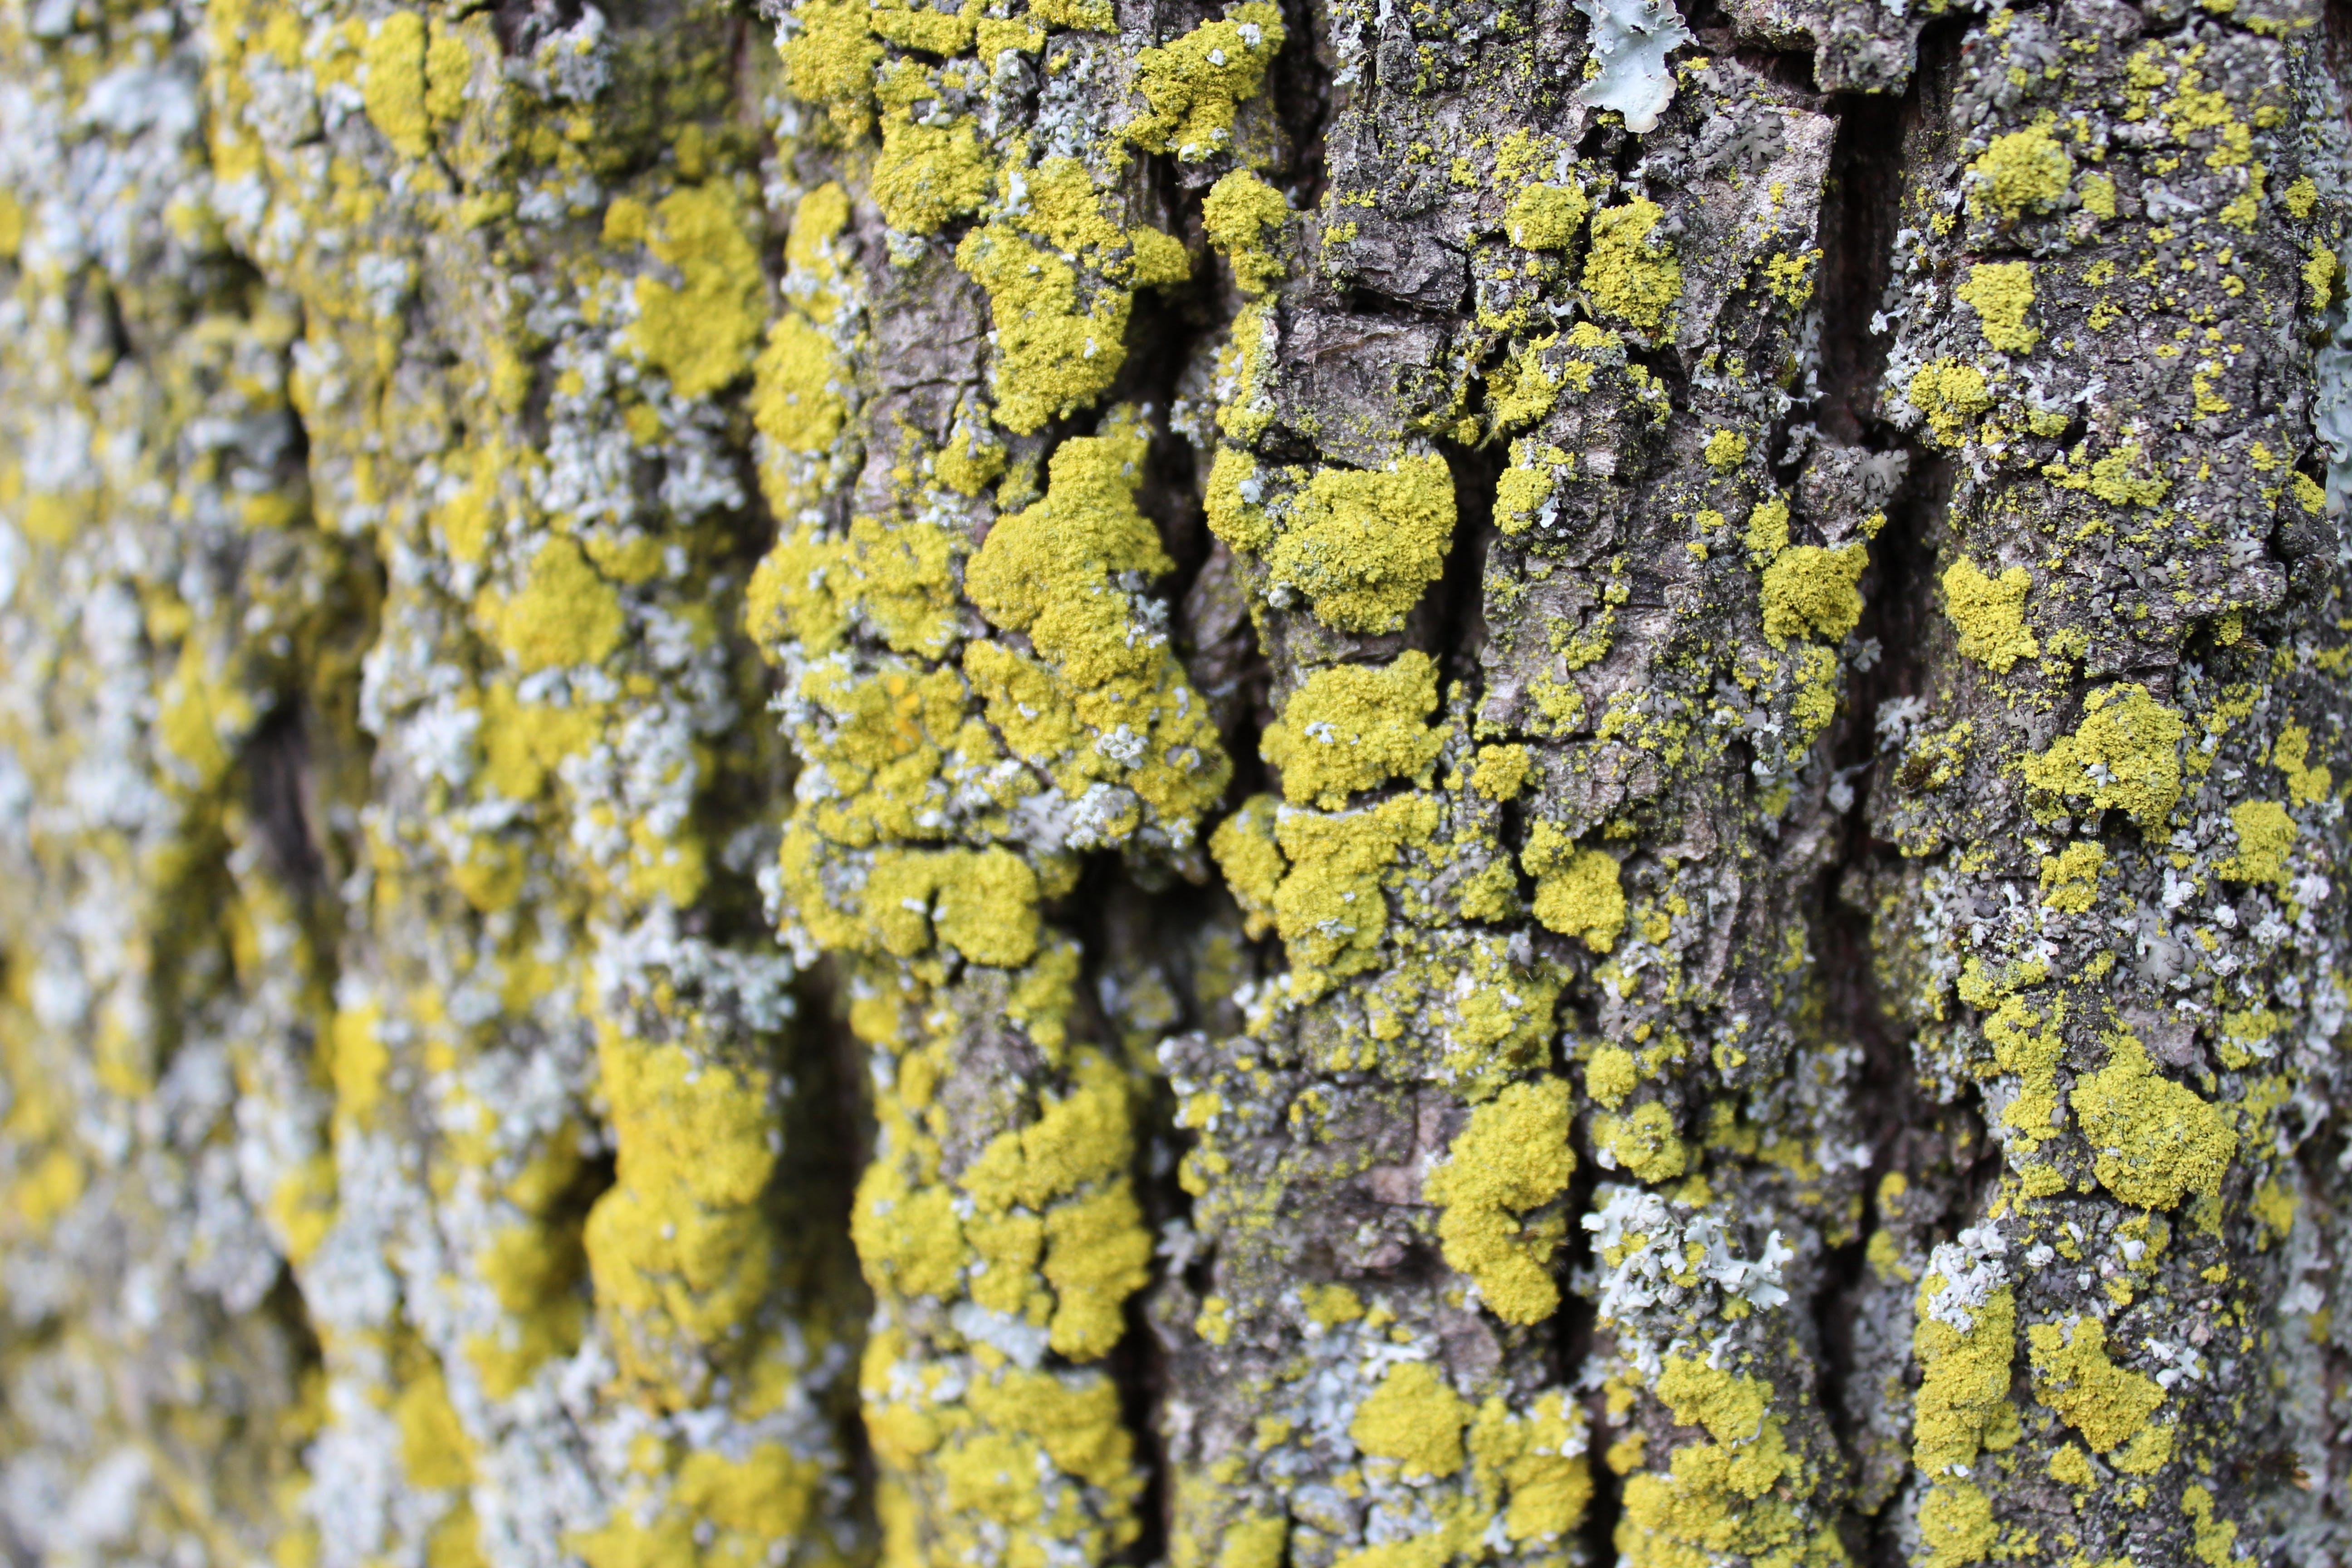 Free stock photo of nature, tree bark, yellow